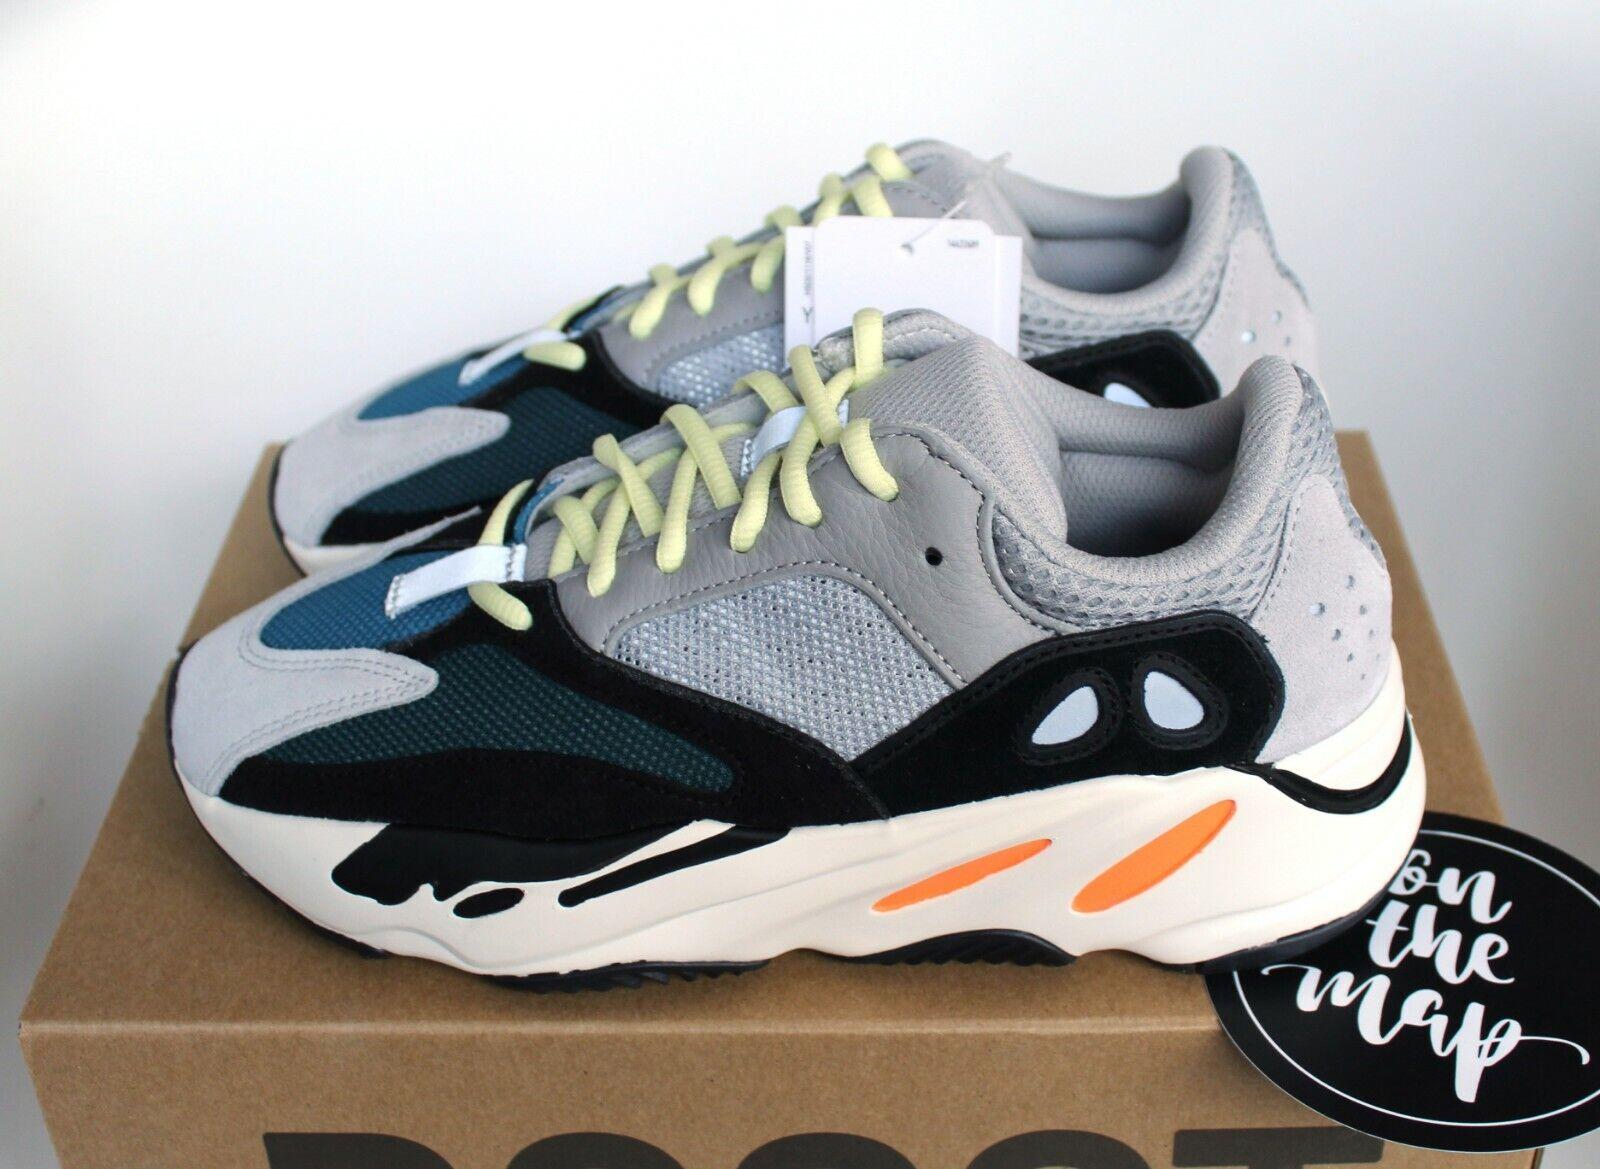 Adidas Yeezy Boost 700 Wave Runner OG Grey Orange Black UK 3 4 5 6 10 11 12 US